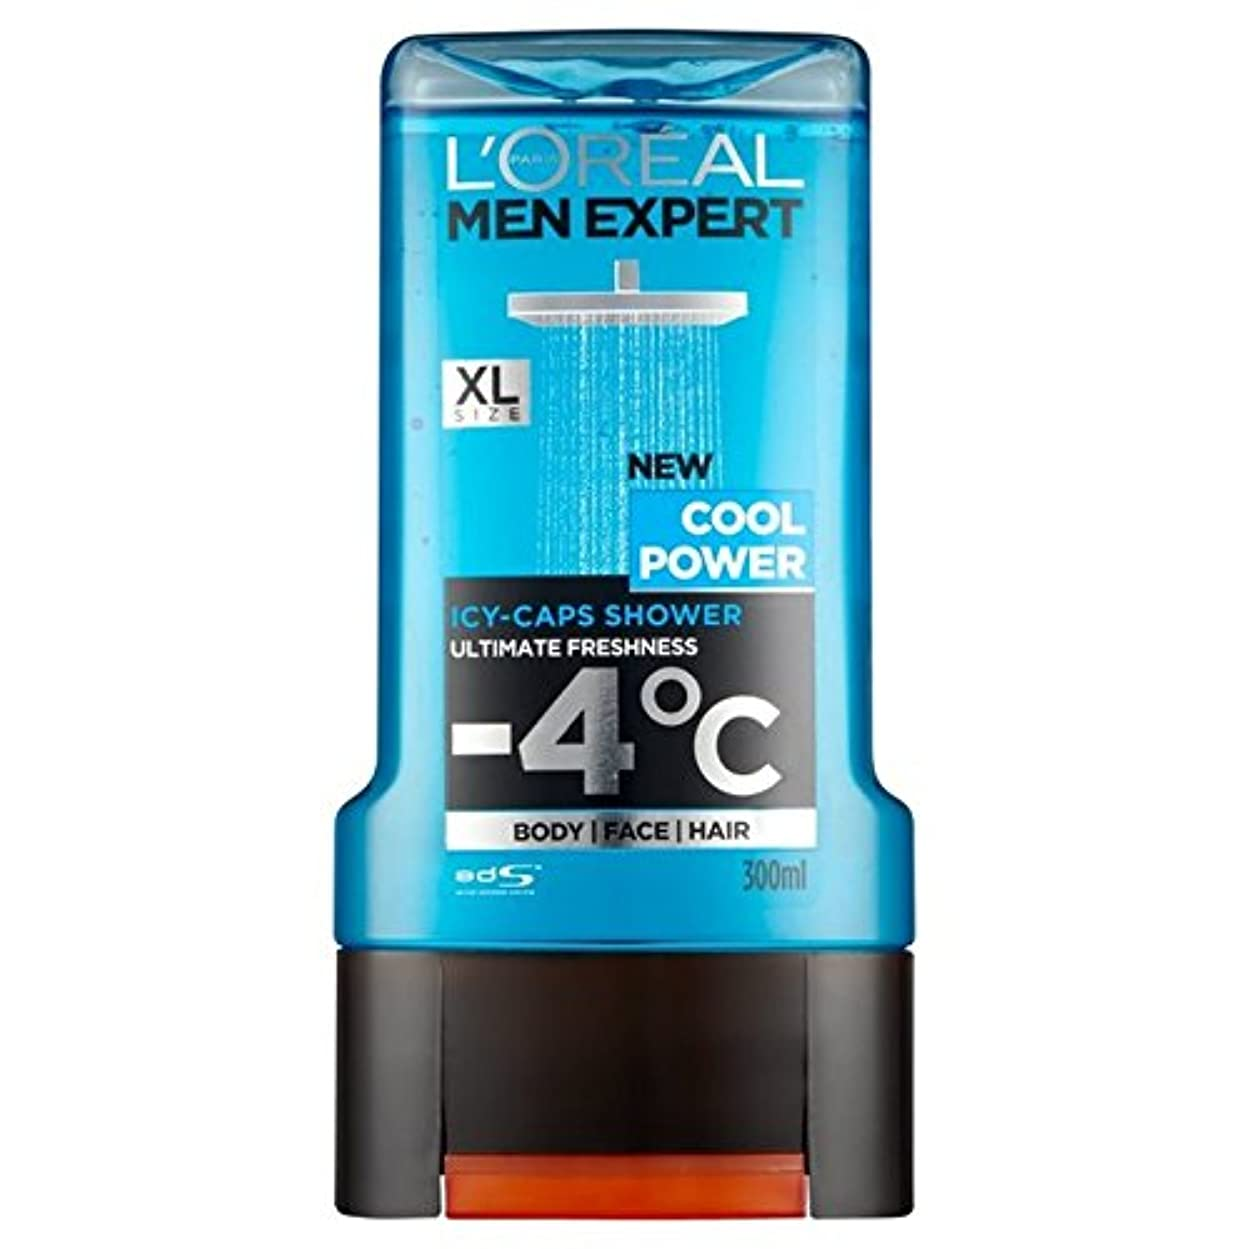 回想音節怒るロレアルパリの男性の専門家のクールなパワーシャワージェル300ミリリットル x4 - L'Oreal Paris Men Expert Cool Power Shower Gel 300ml (Pack of 4) [並行輸入品]